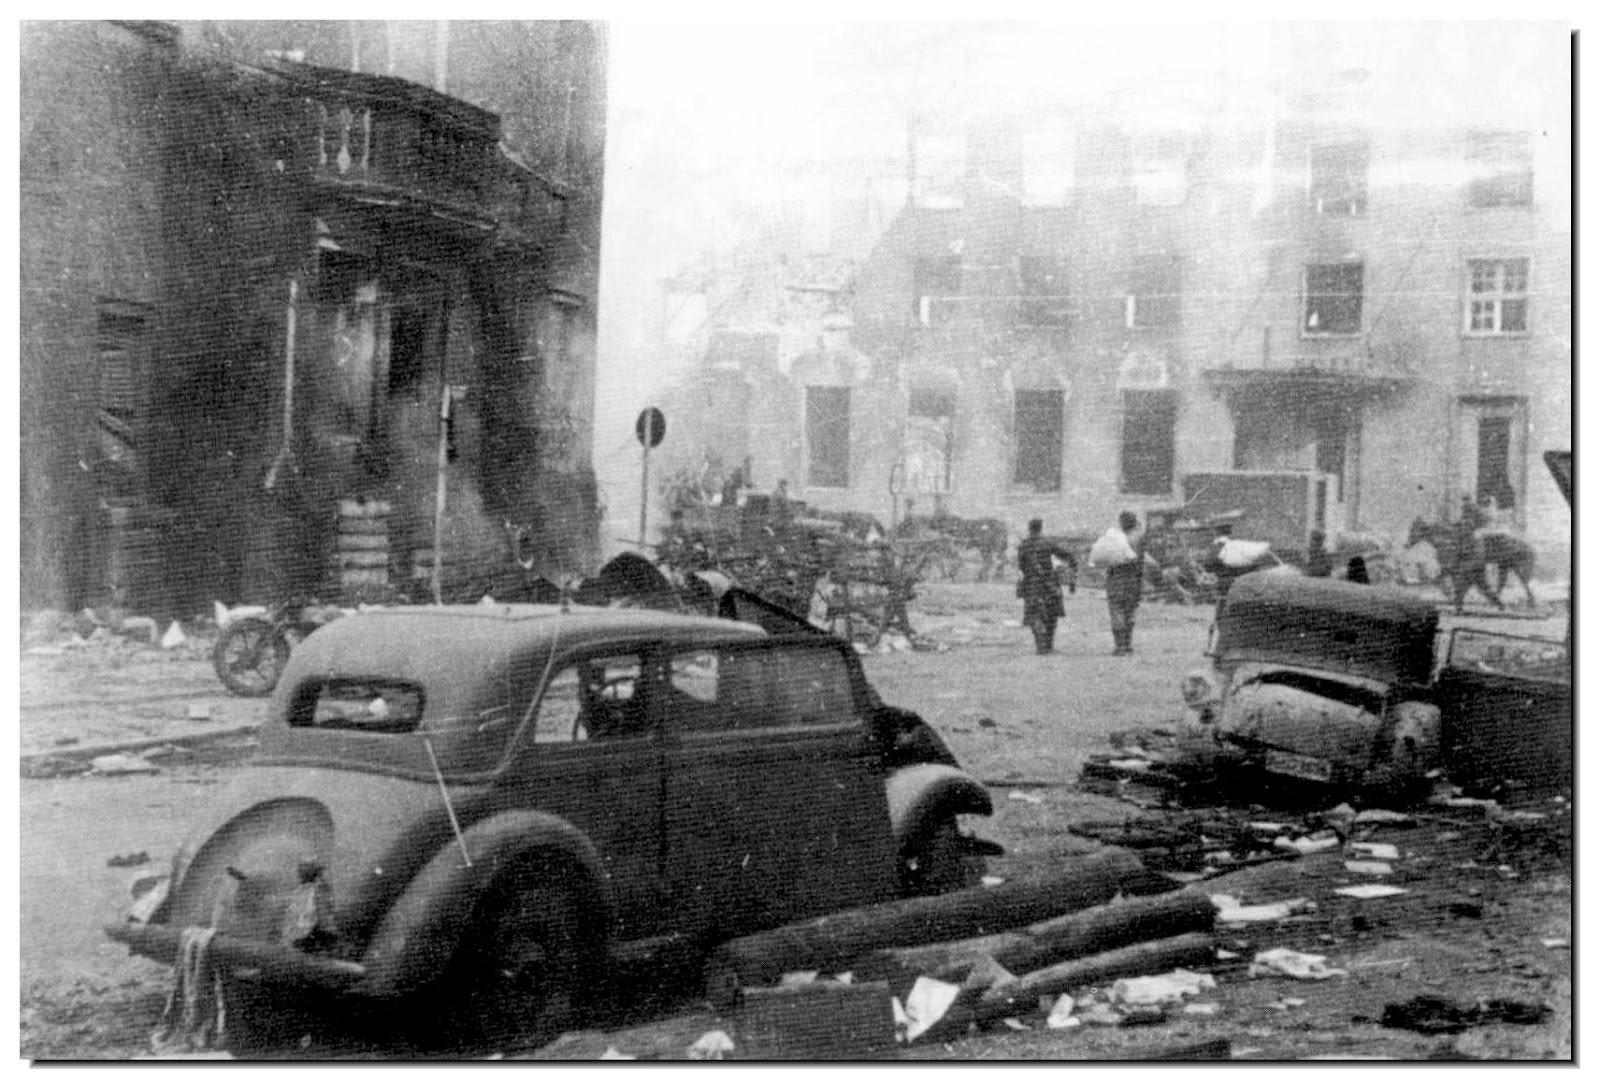 Karaliaučiaus šturmas. Prieš 75 metus Rytų Prūsijos sostinė virto griuvėsiais